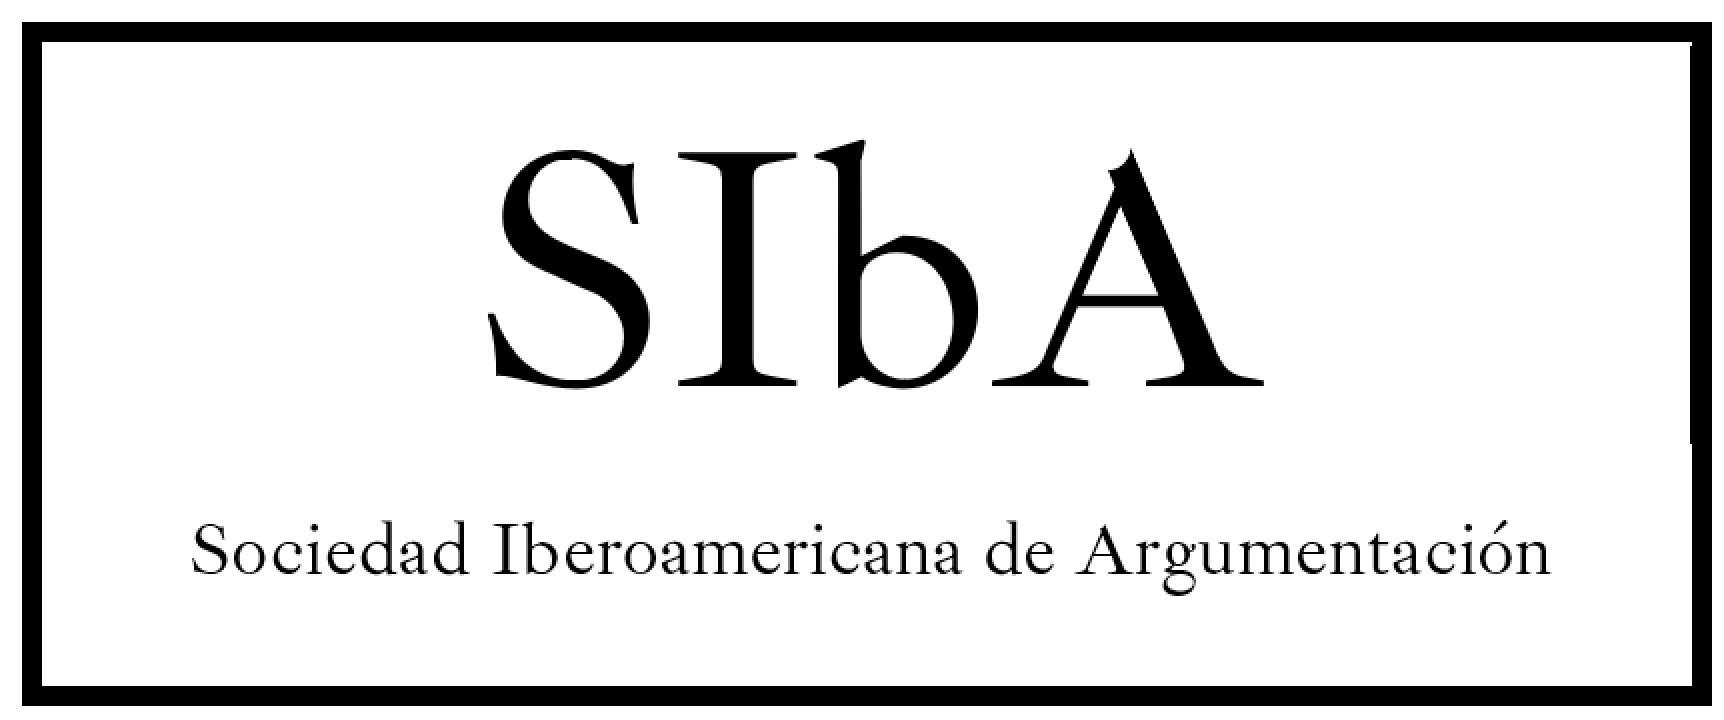 Sociedad Iberoamericana de Argumentación